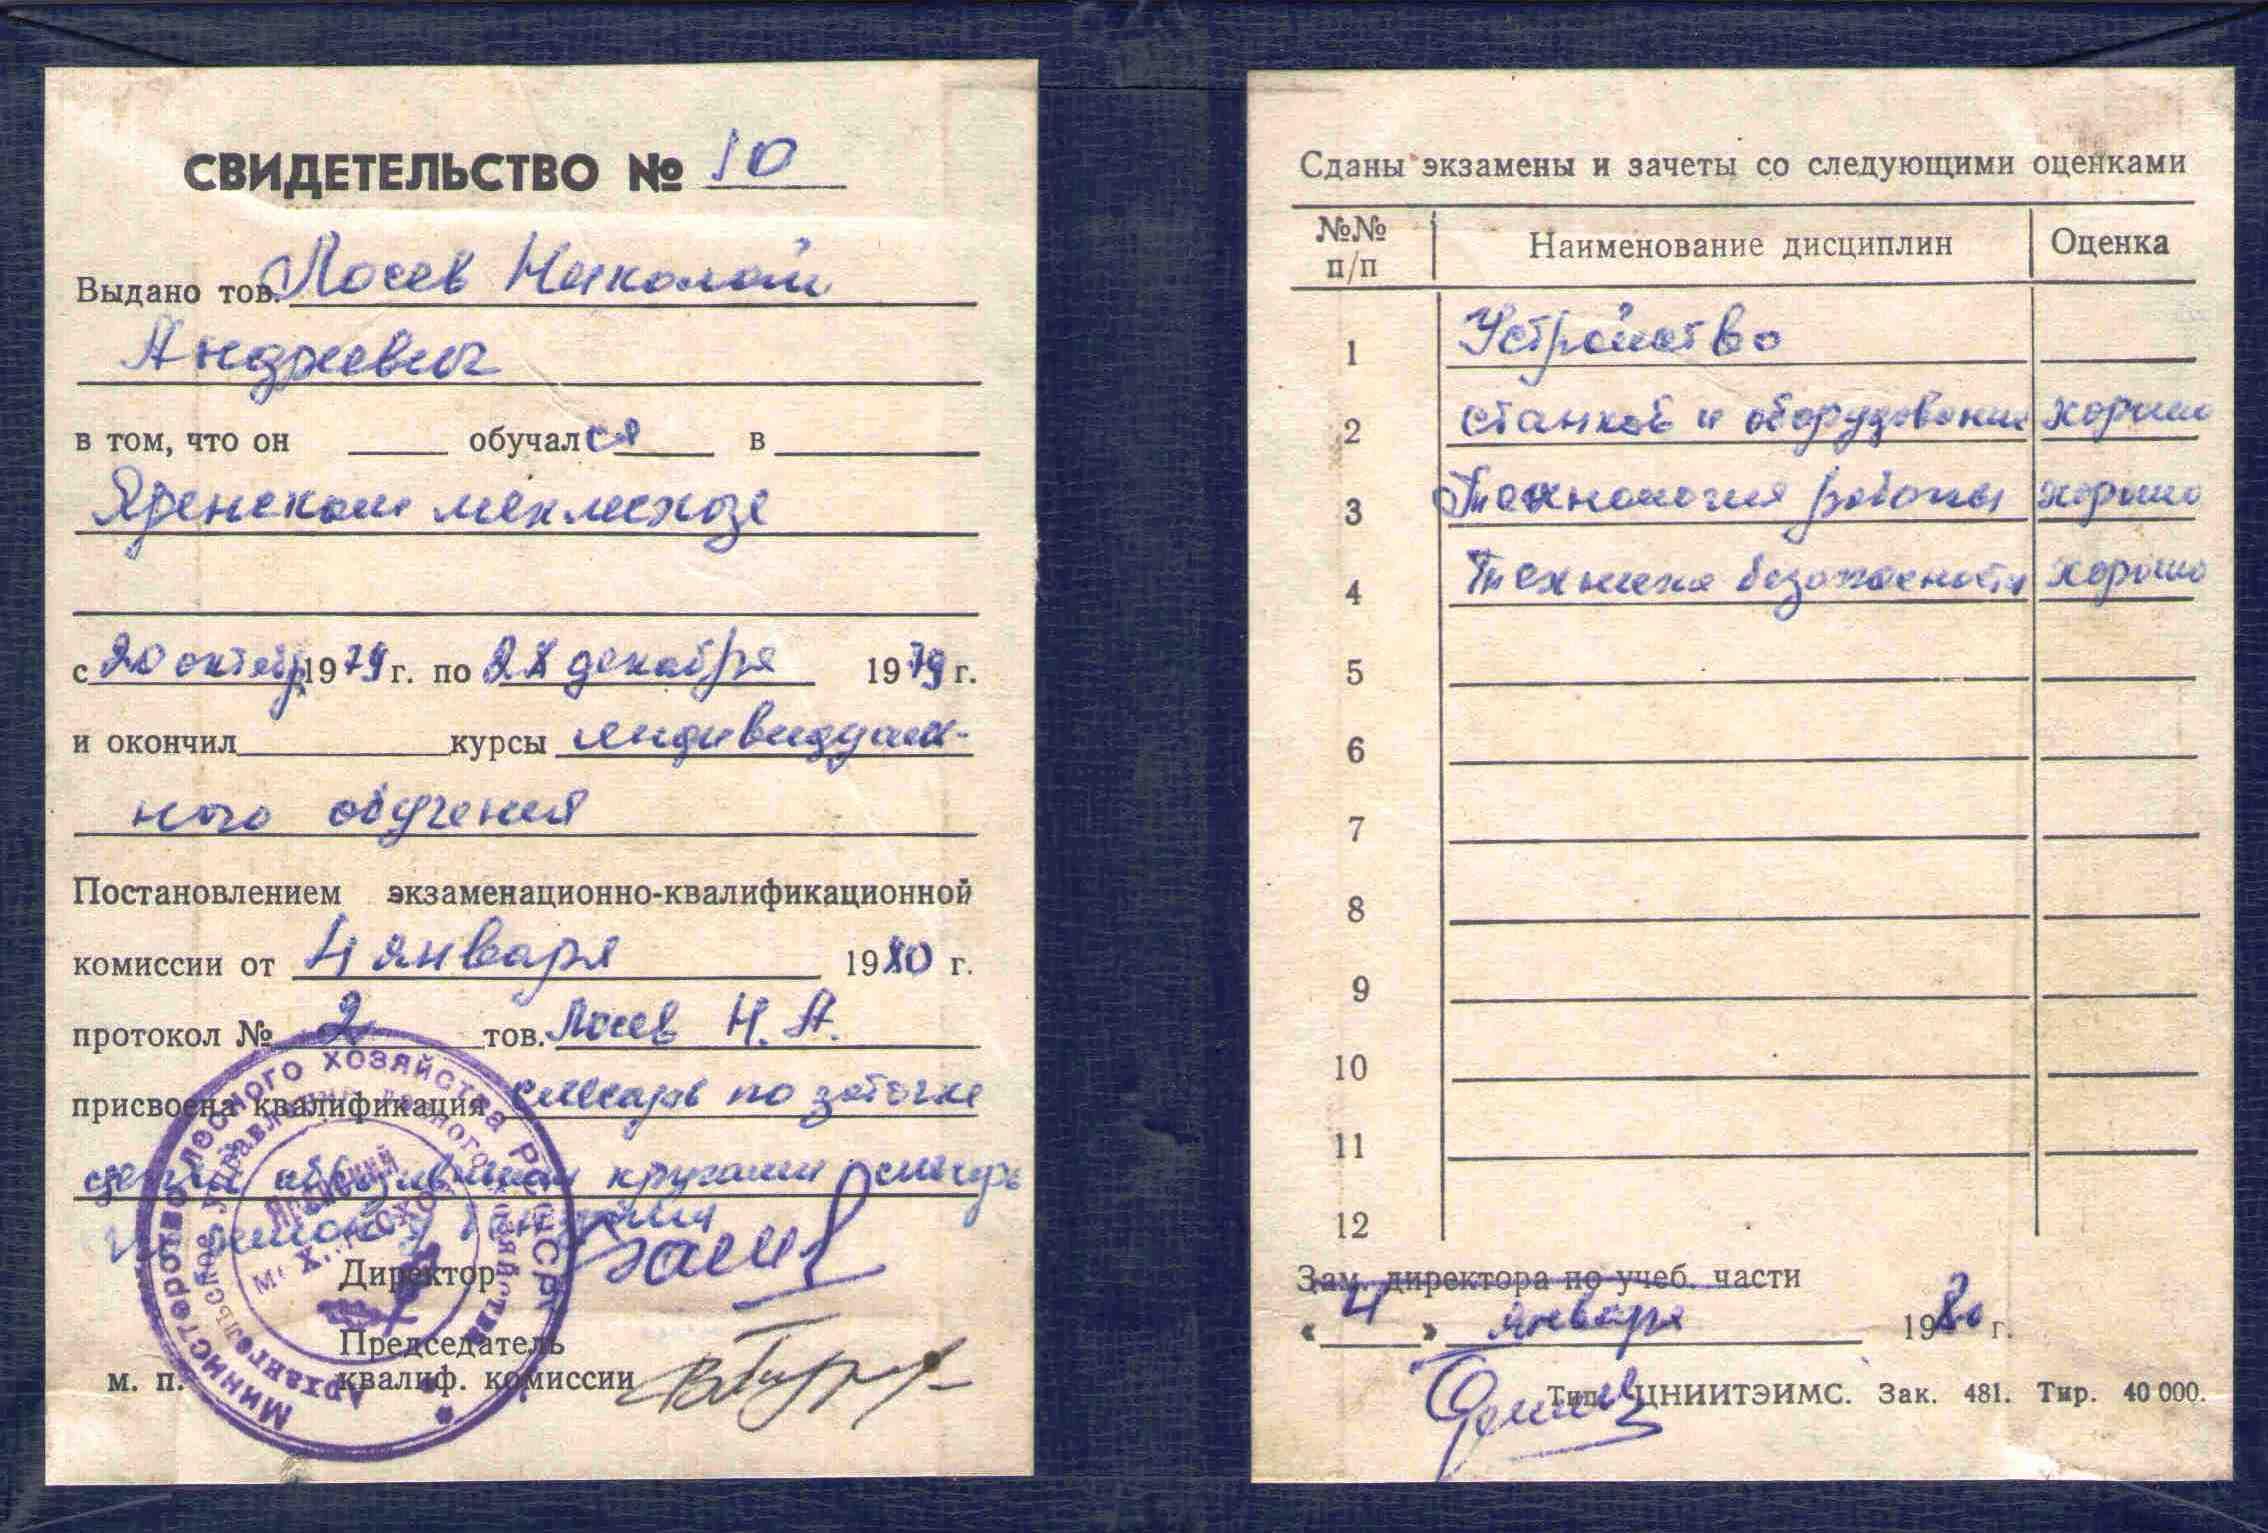 67. Свидетельство об обучении в Яренском мехлесхозе, 1980